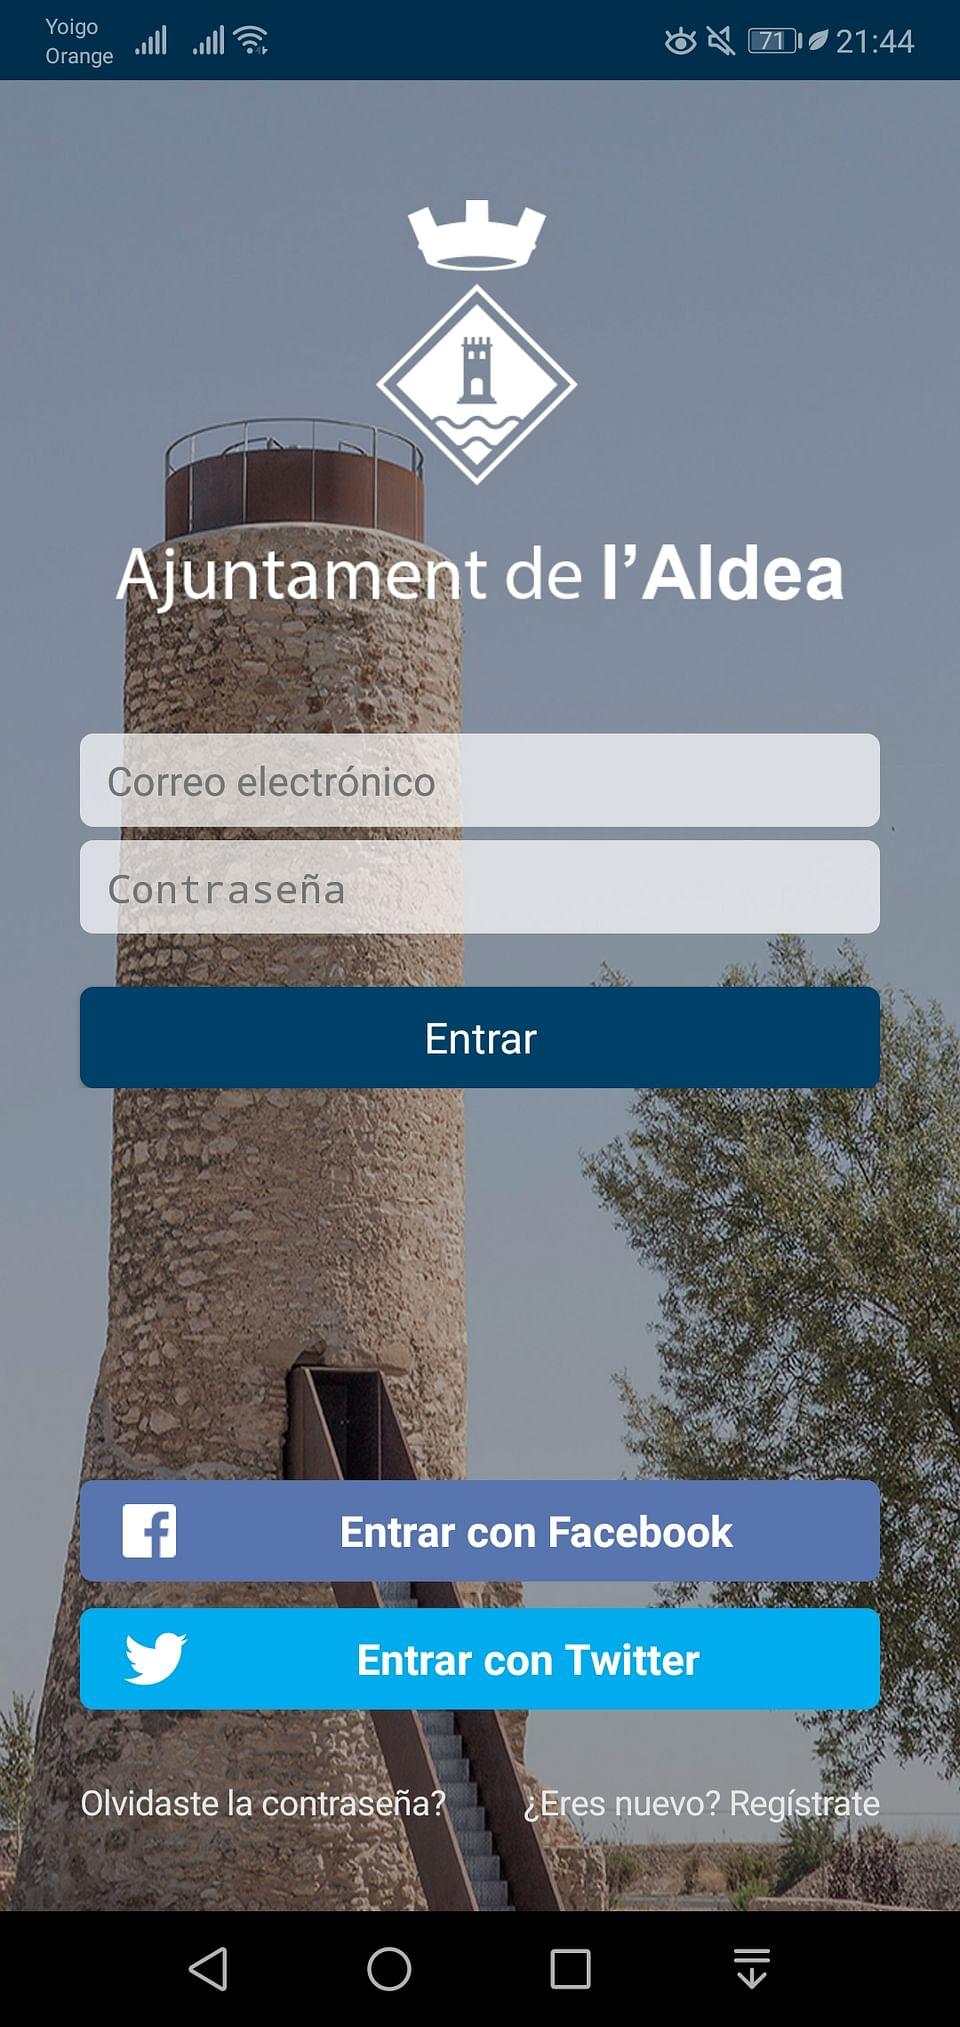 Aplicación Móvil Ajuntament de l'Aldea